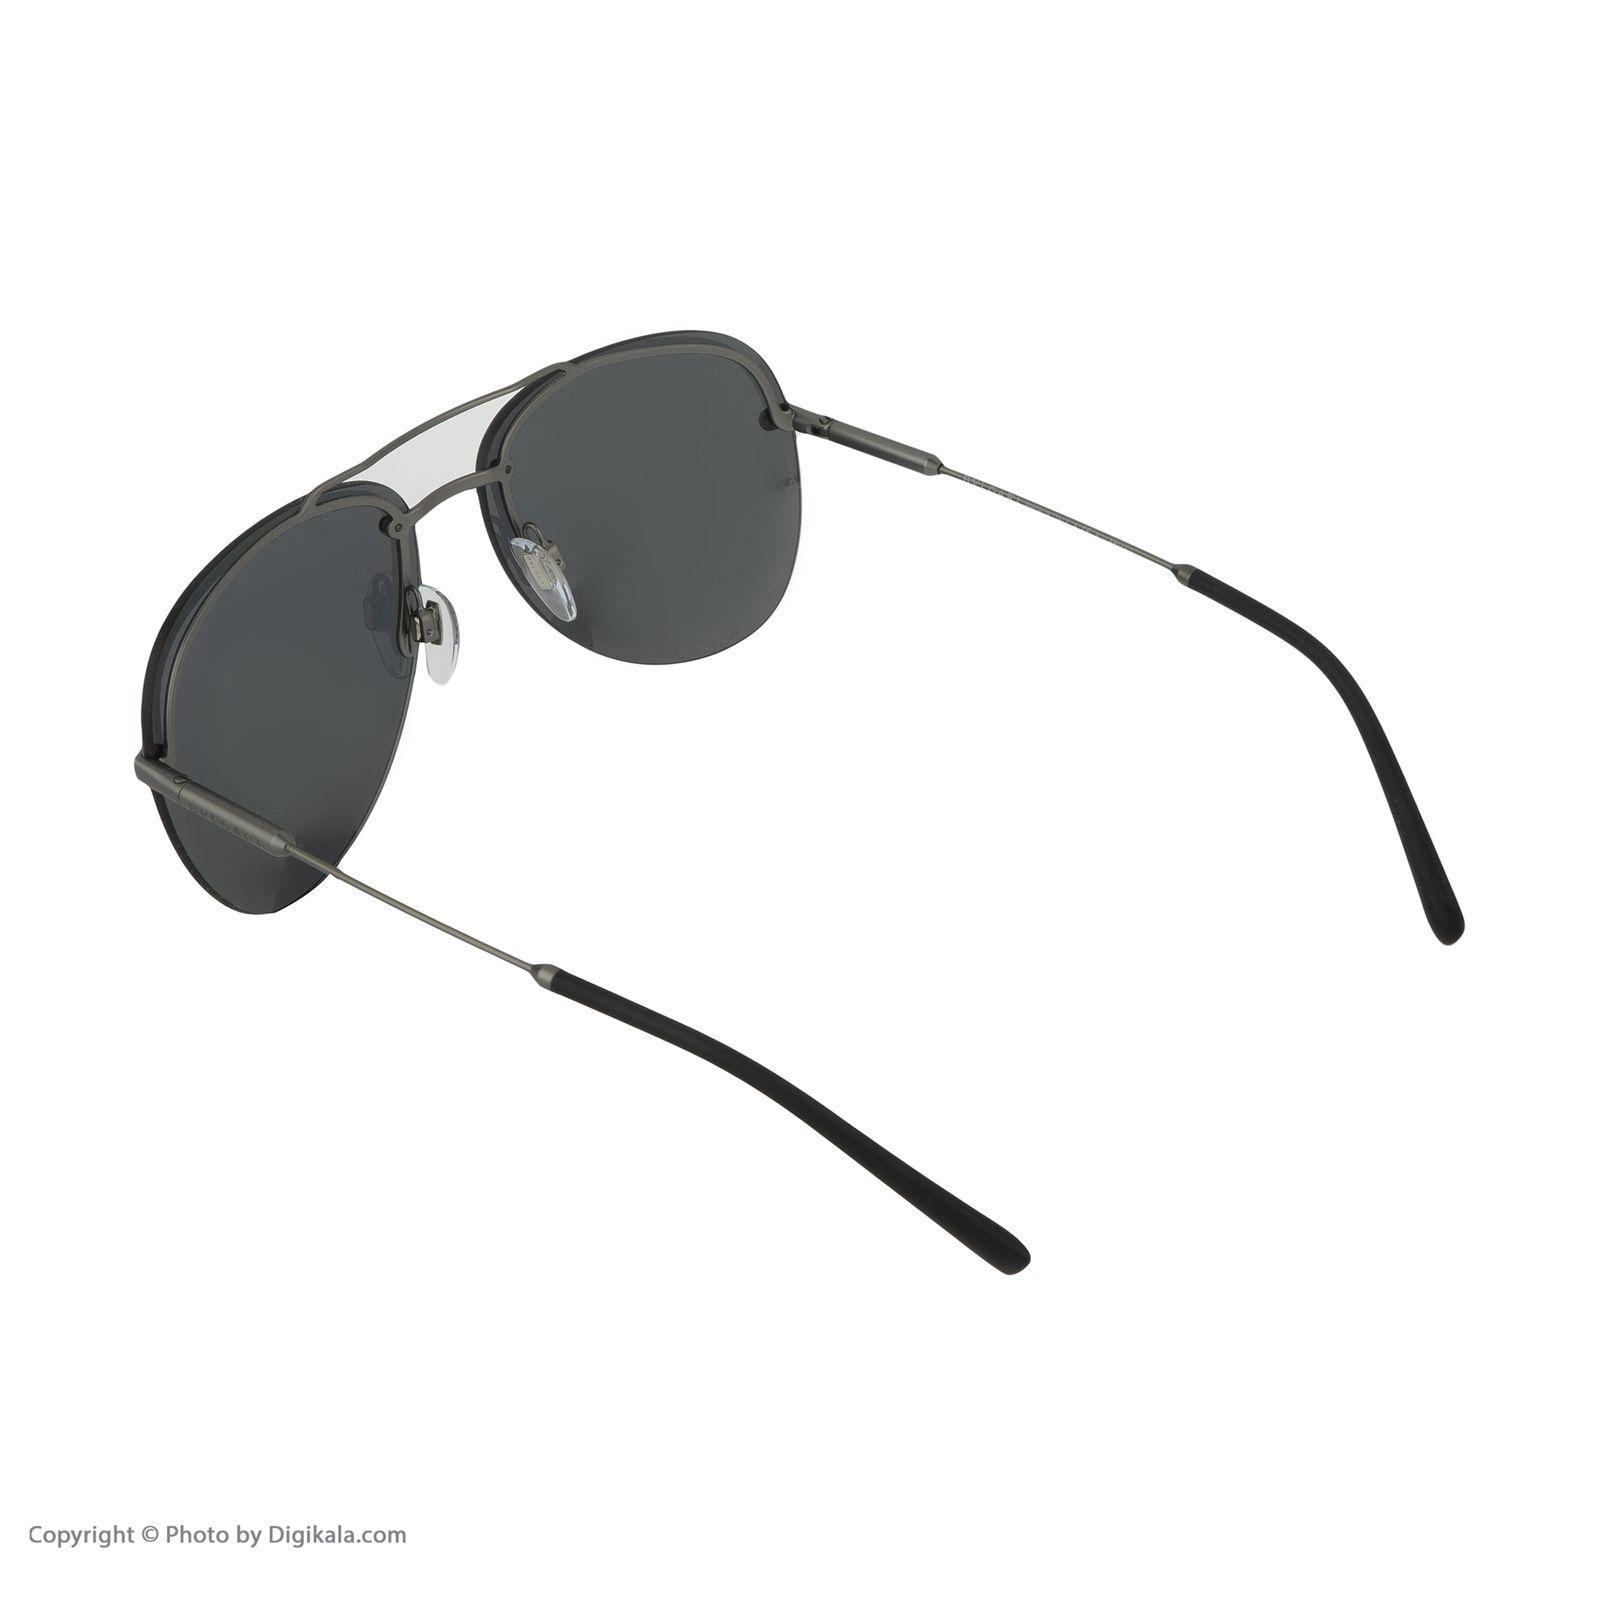 عینک آفتابی مردانه بولگاری مدل BV5044S 19581 -  - 5